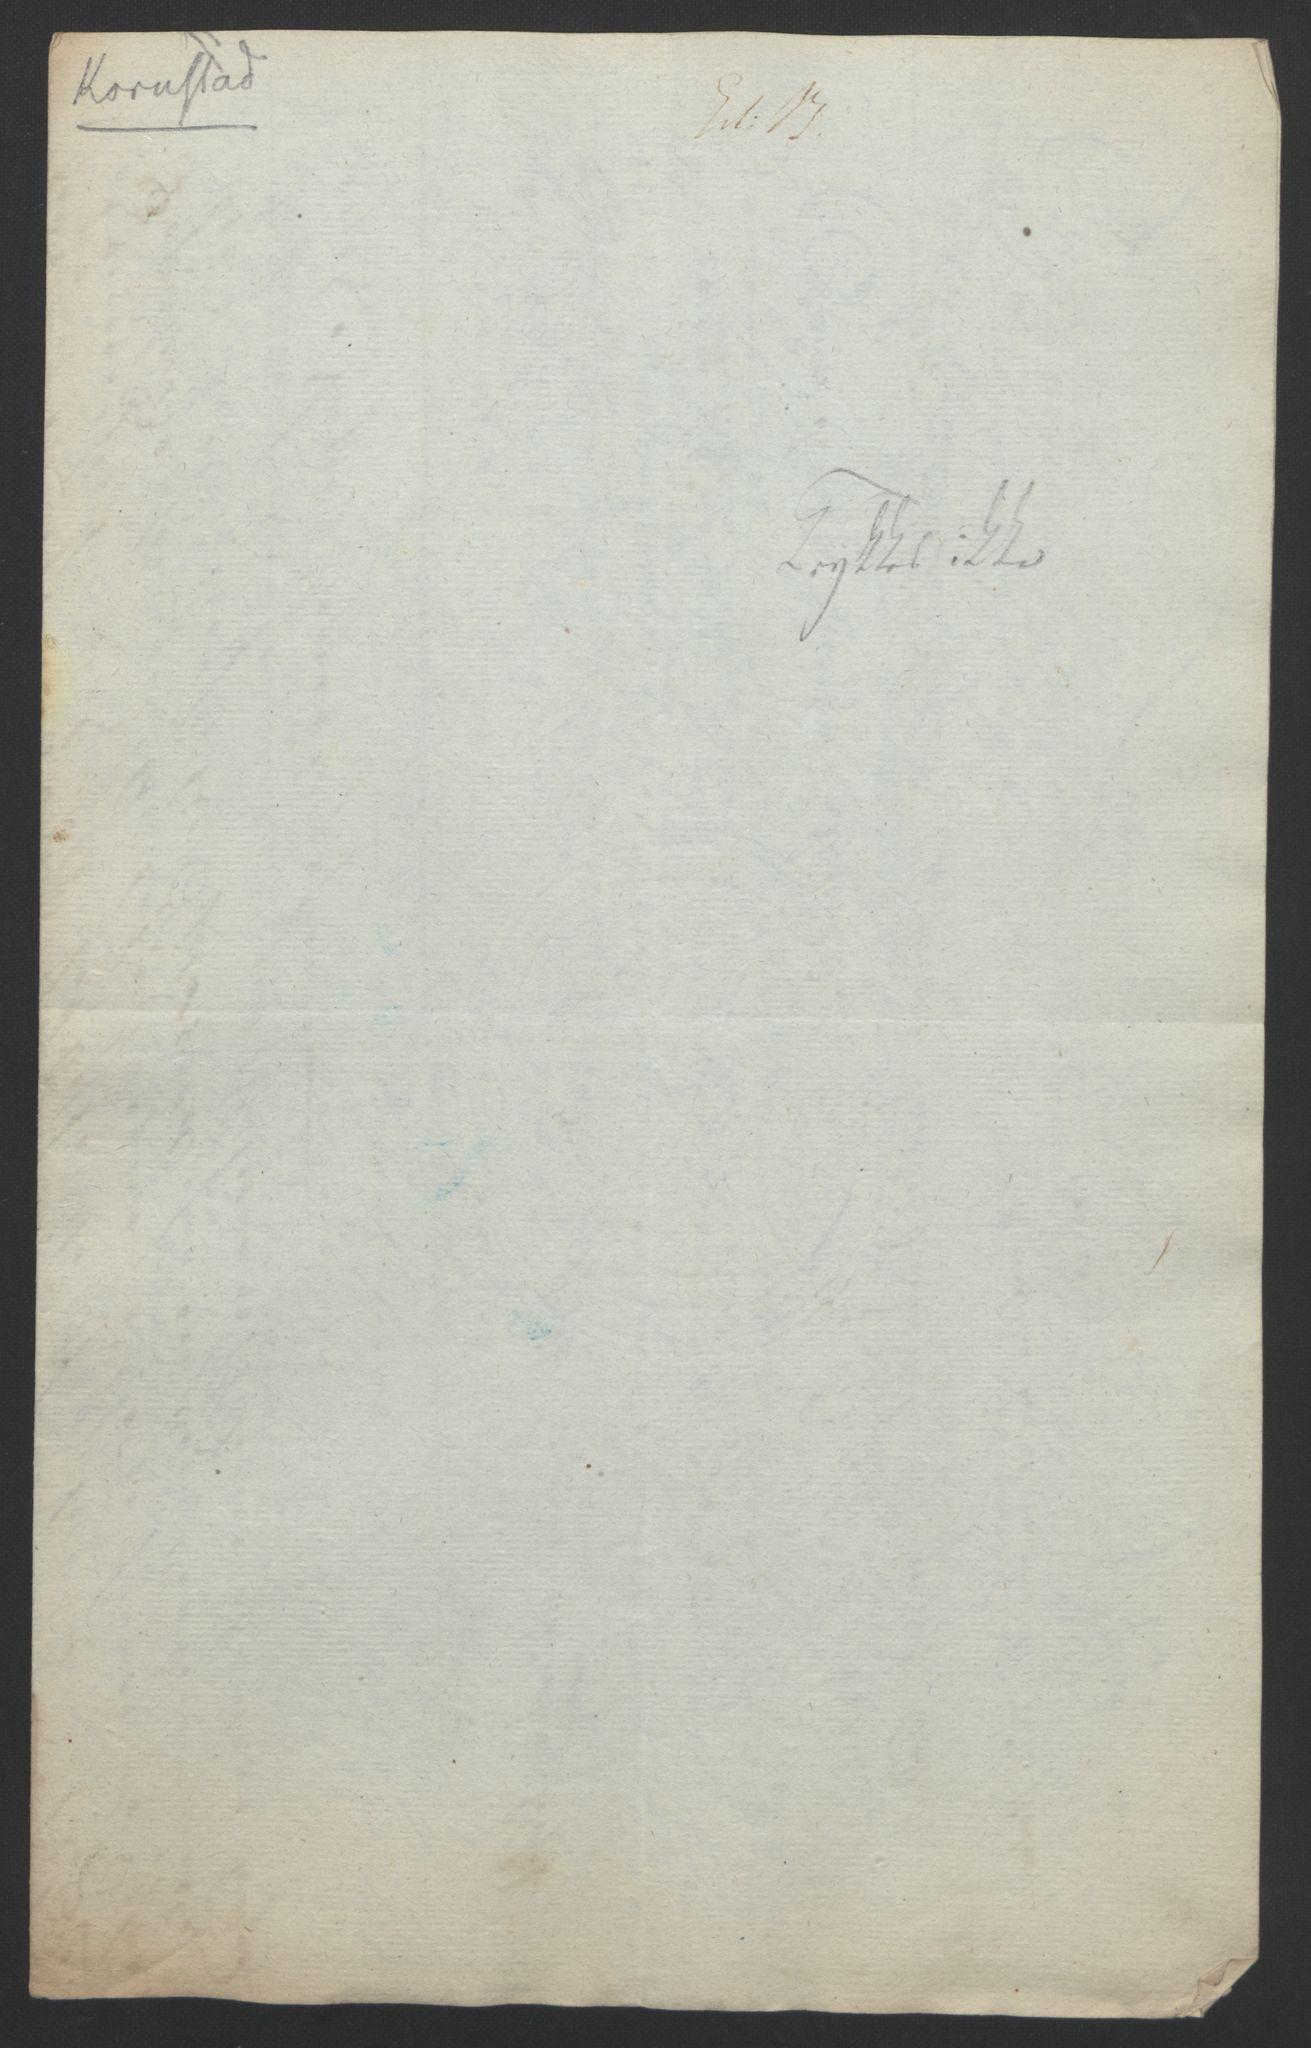 RA, Statsrådssekretariatet, D/Db/L0008: Fullmakter for Eidsvollsrepresentantene i 1814. , 1814, s. 389